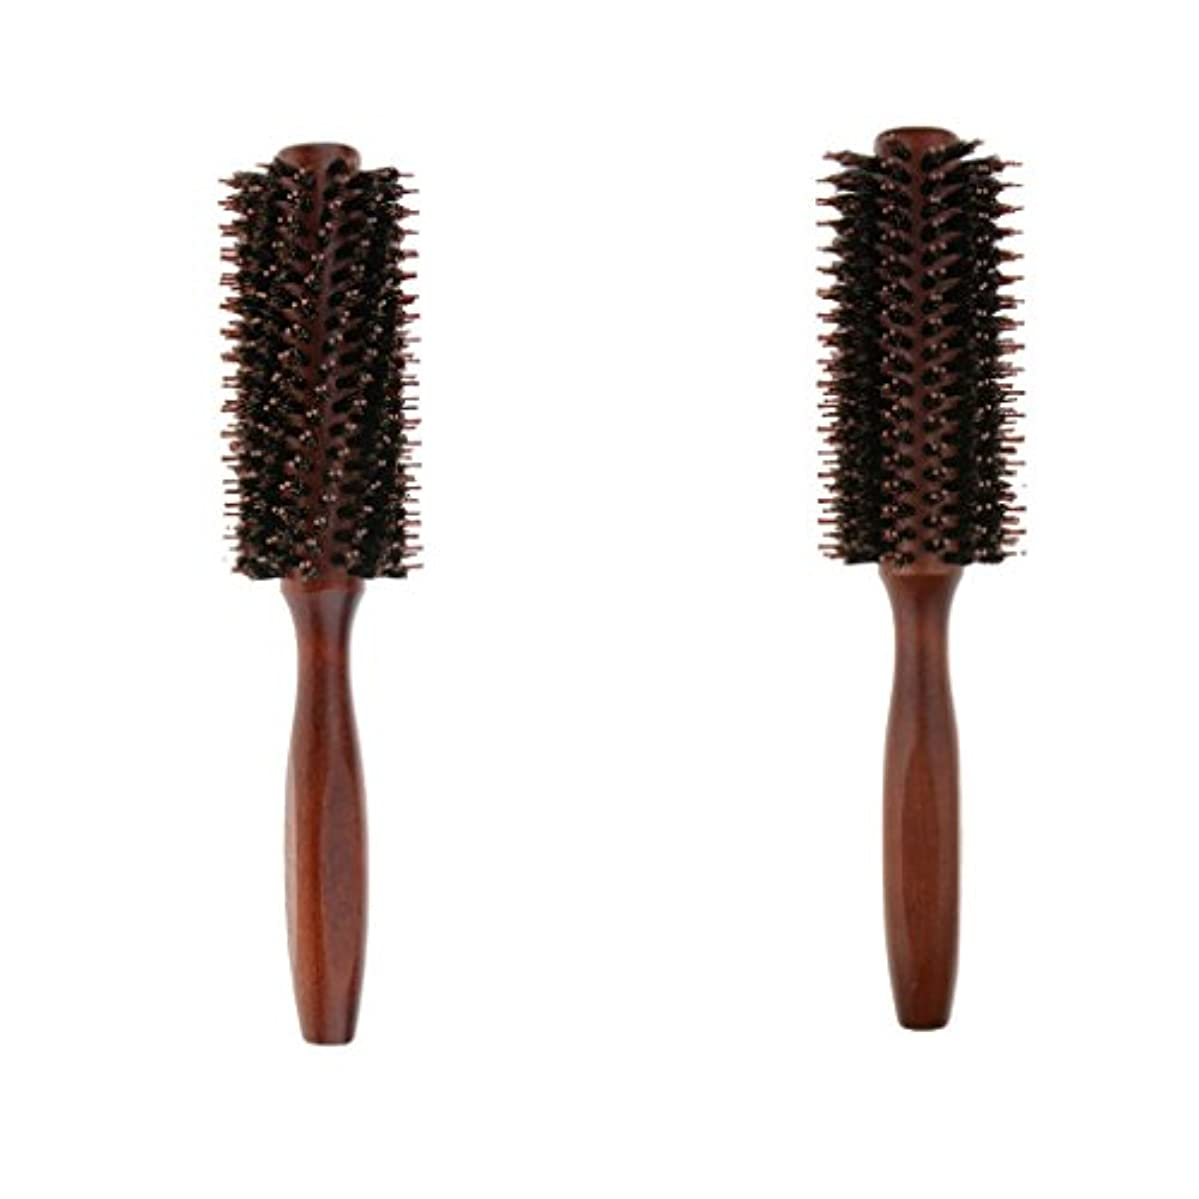 でる抵当高い2個 ロールブラシ ヘアブラシ ヘアカラーリング用 木製櫛 静電気防止 耐熱コーム 巻き髪